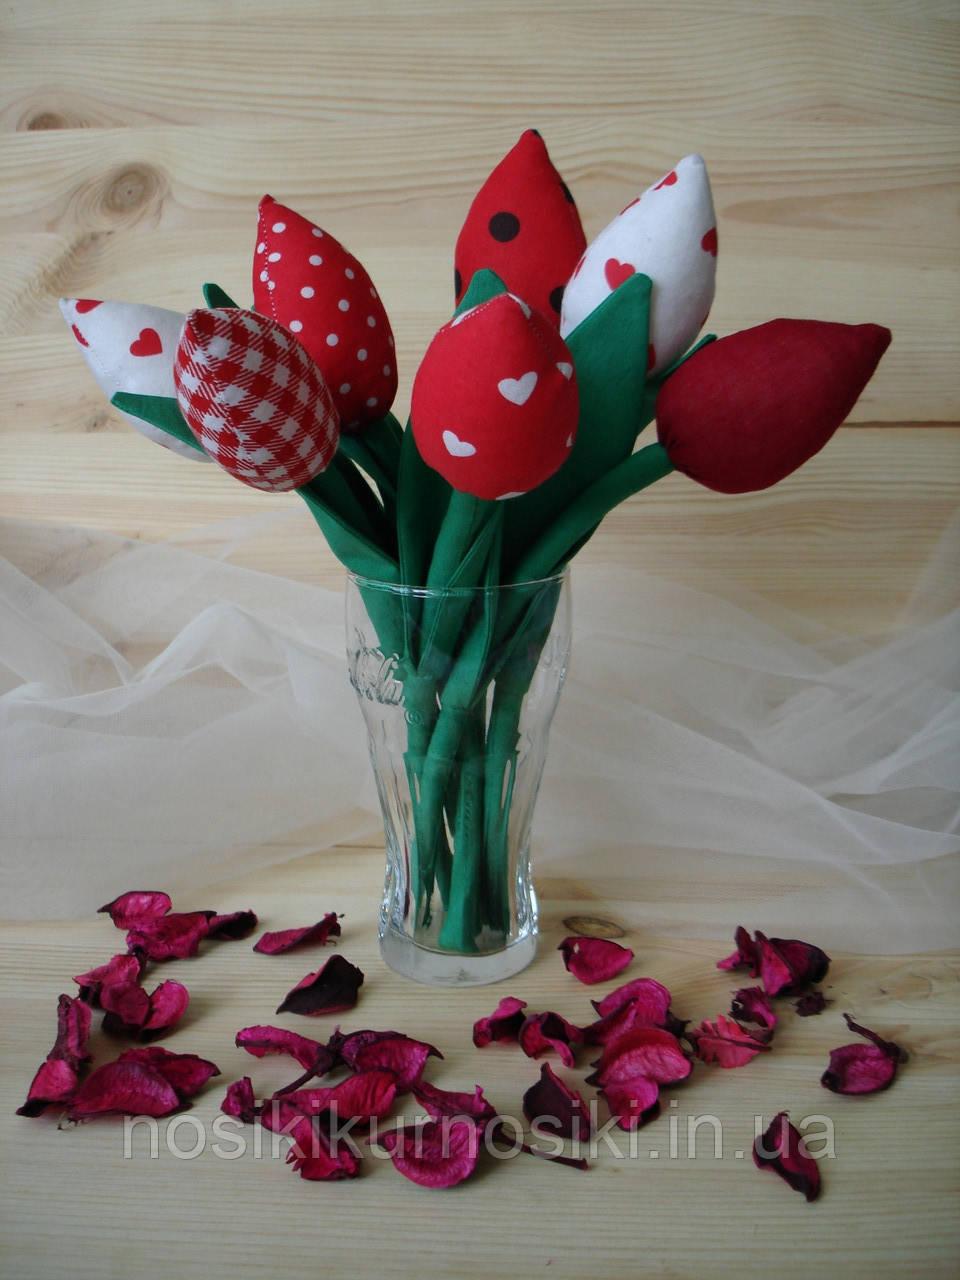 Інтер'єрні тюльпани ручної роботи з натуральних тканин, ціна за штуку